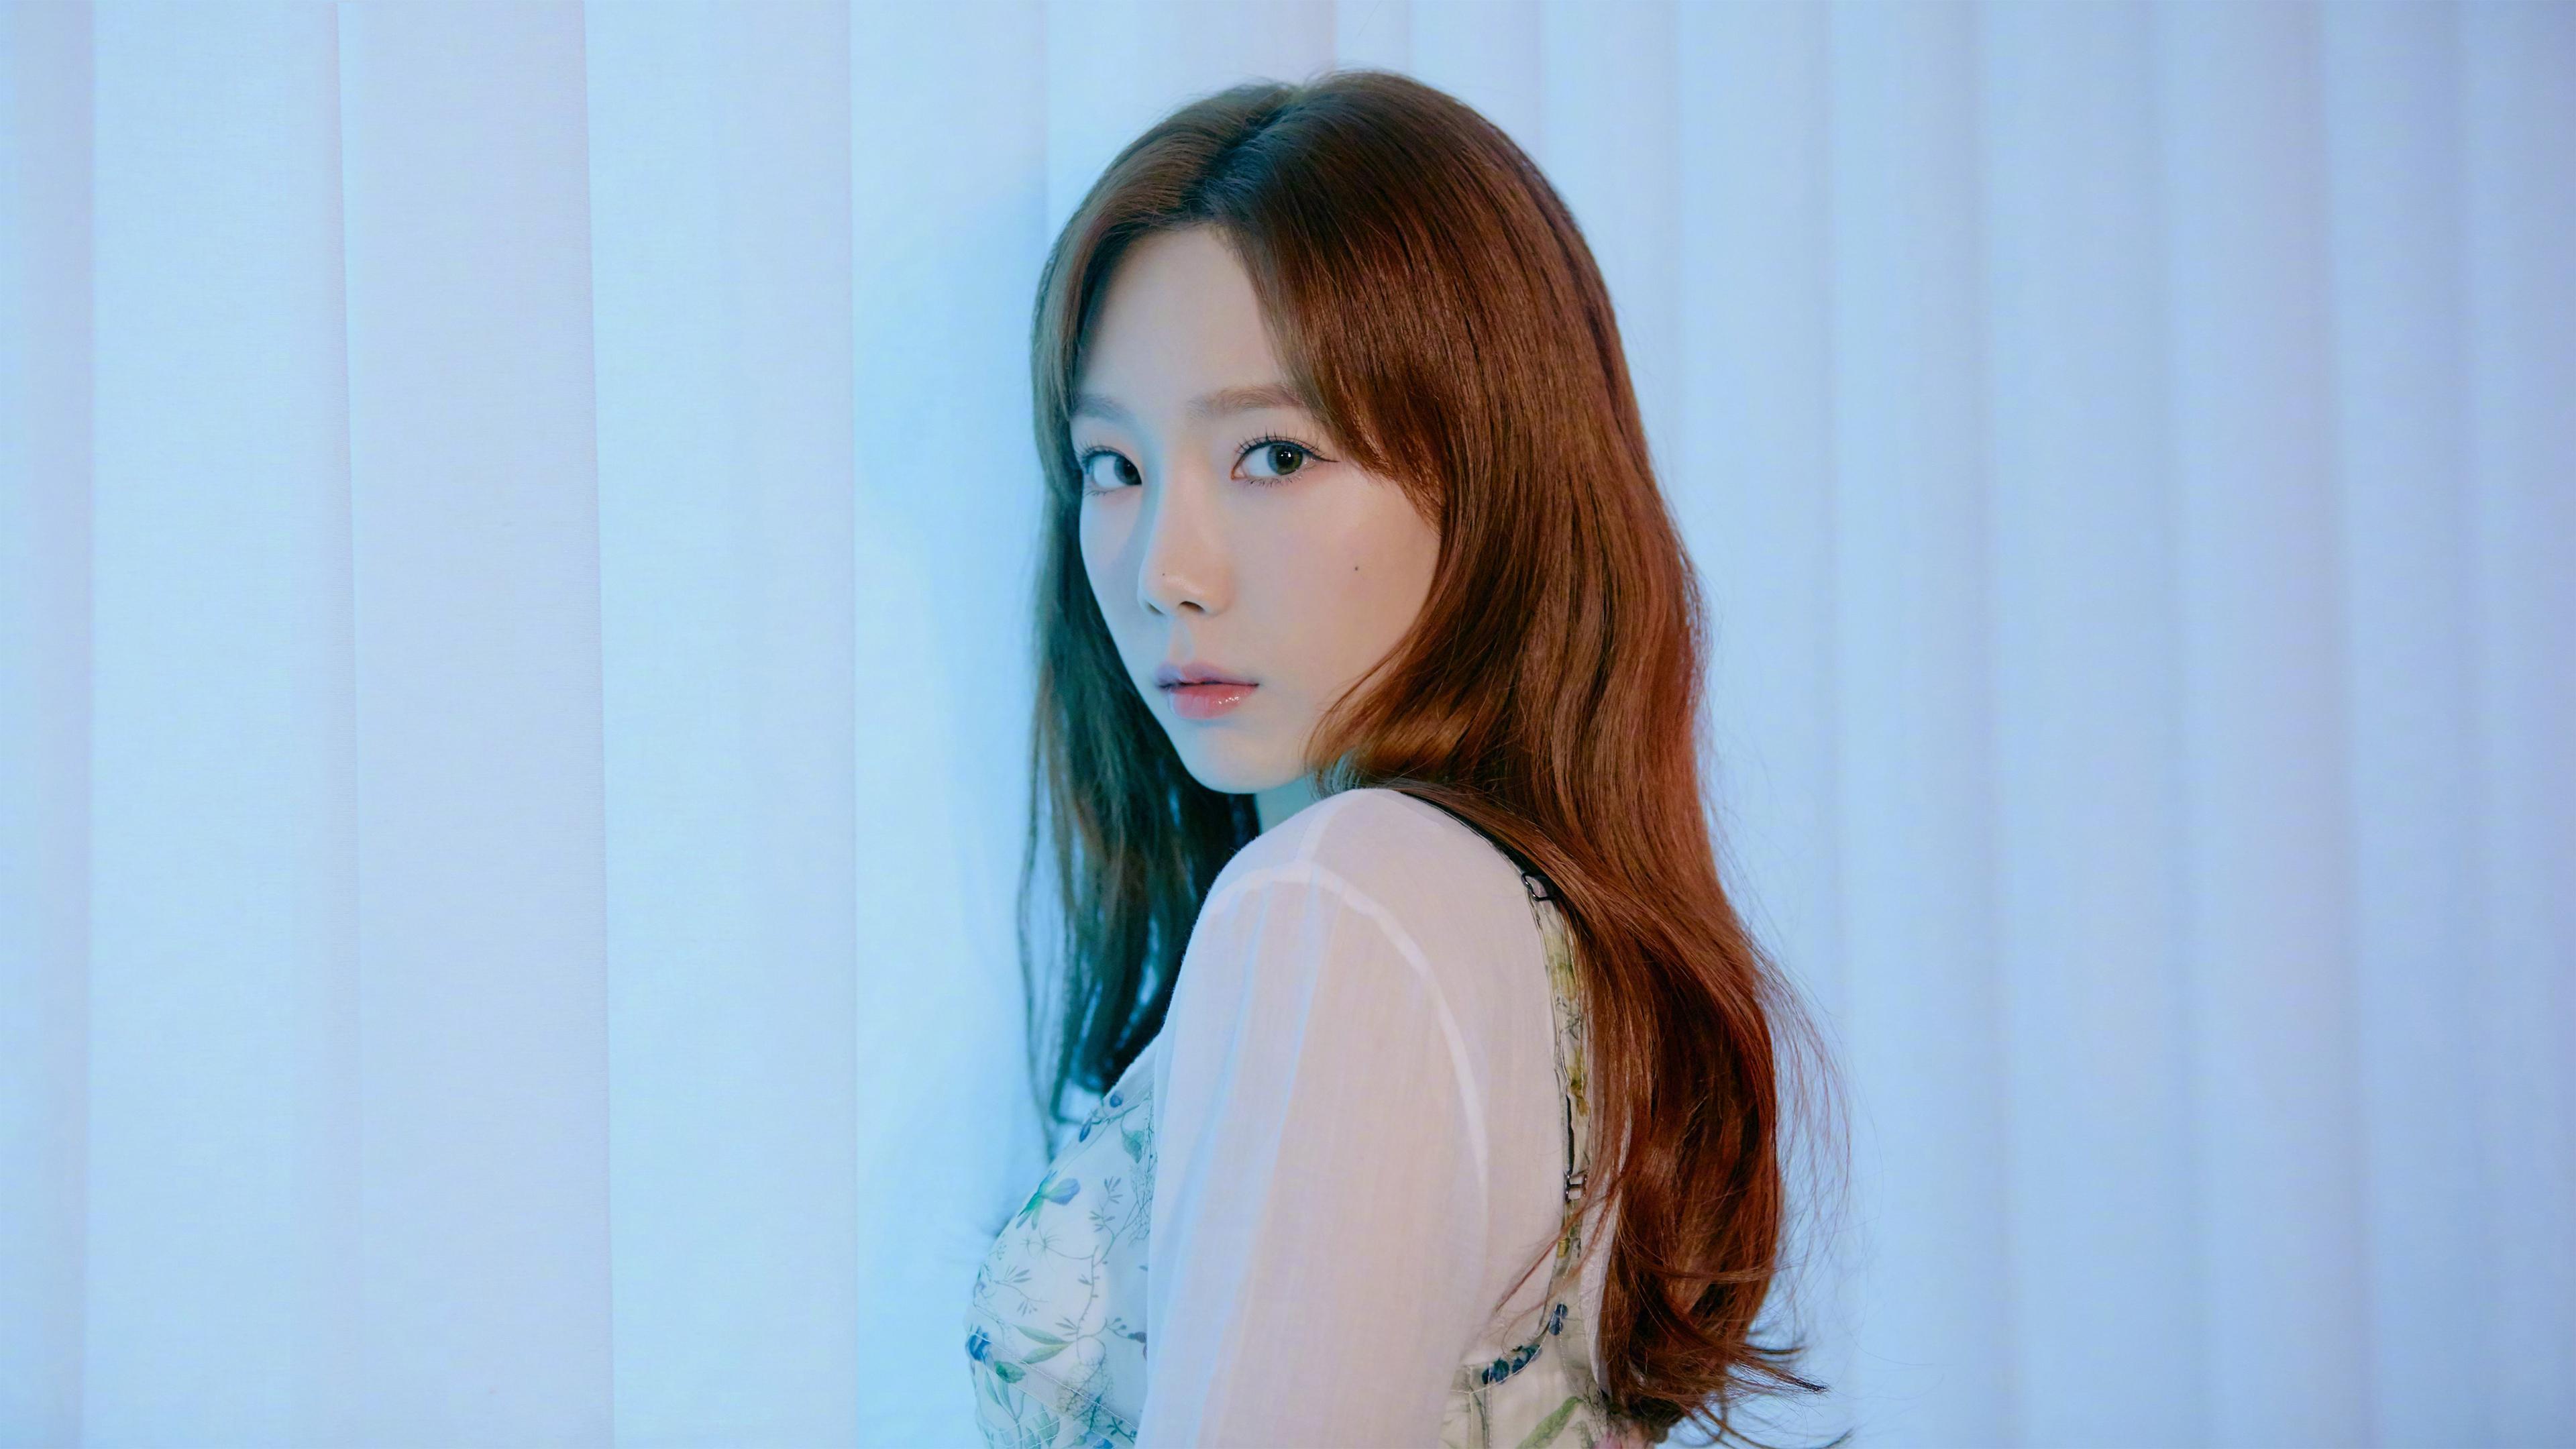 SNSD Taeyeon Kim Taeyeon K Pop SNSD Girls Generation Asian Korean Looking At Viewer Women Brunette 3840x2160